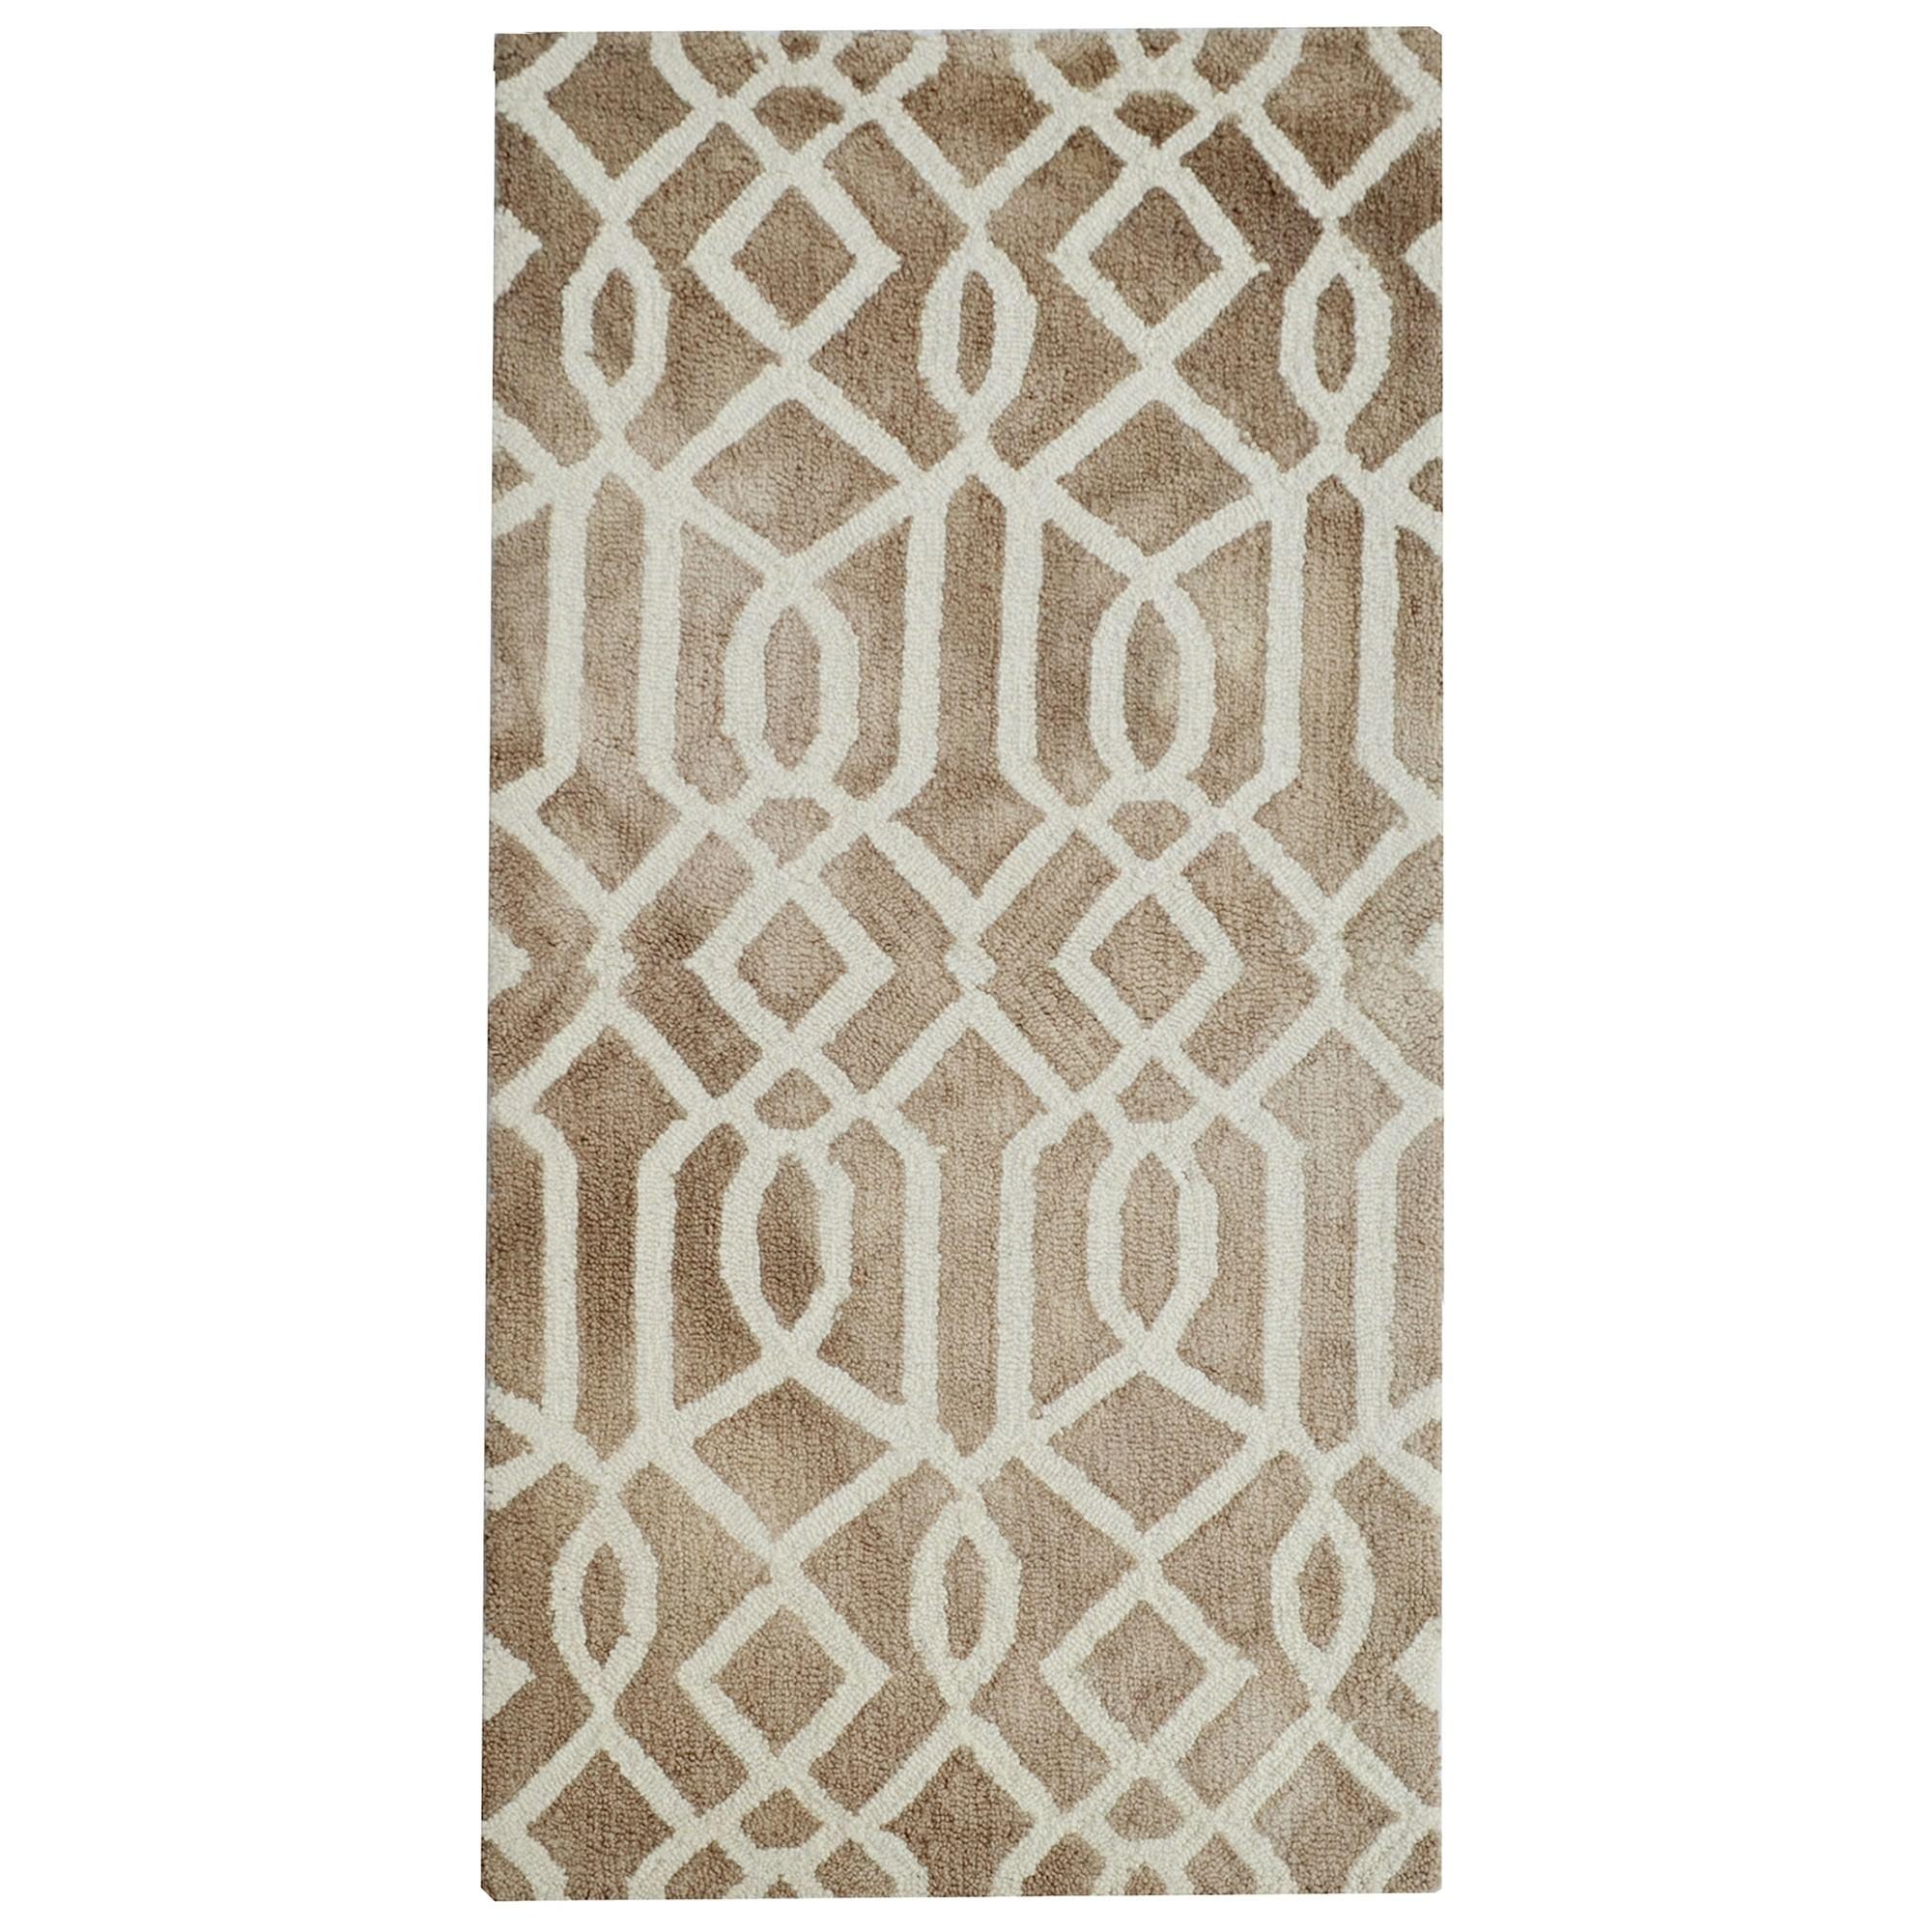 Maryland Tie Dye Wool Rug, 280x190cm, Brown